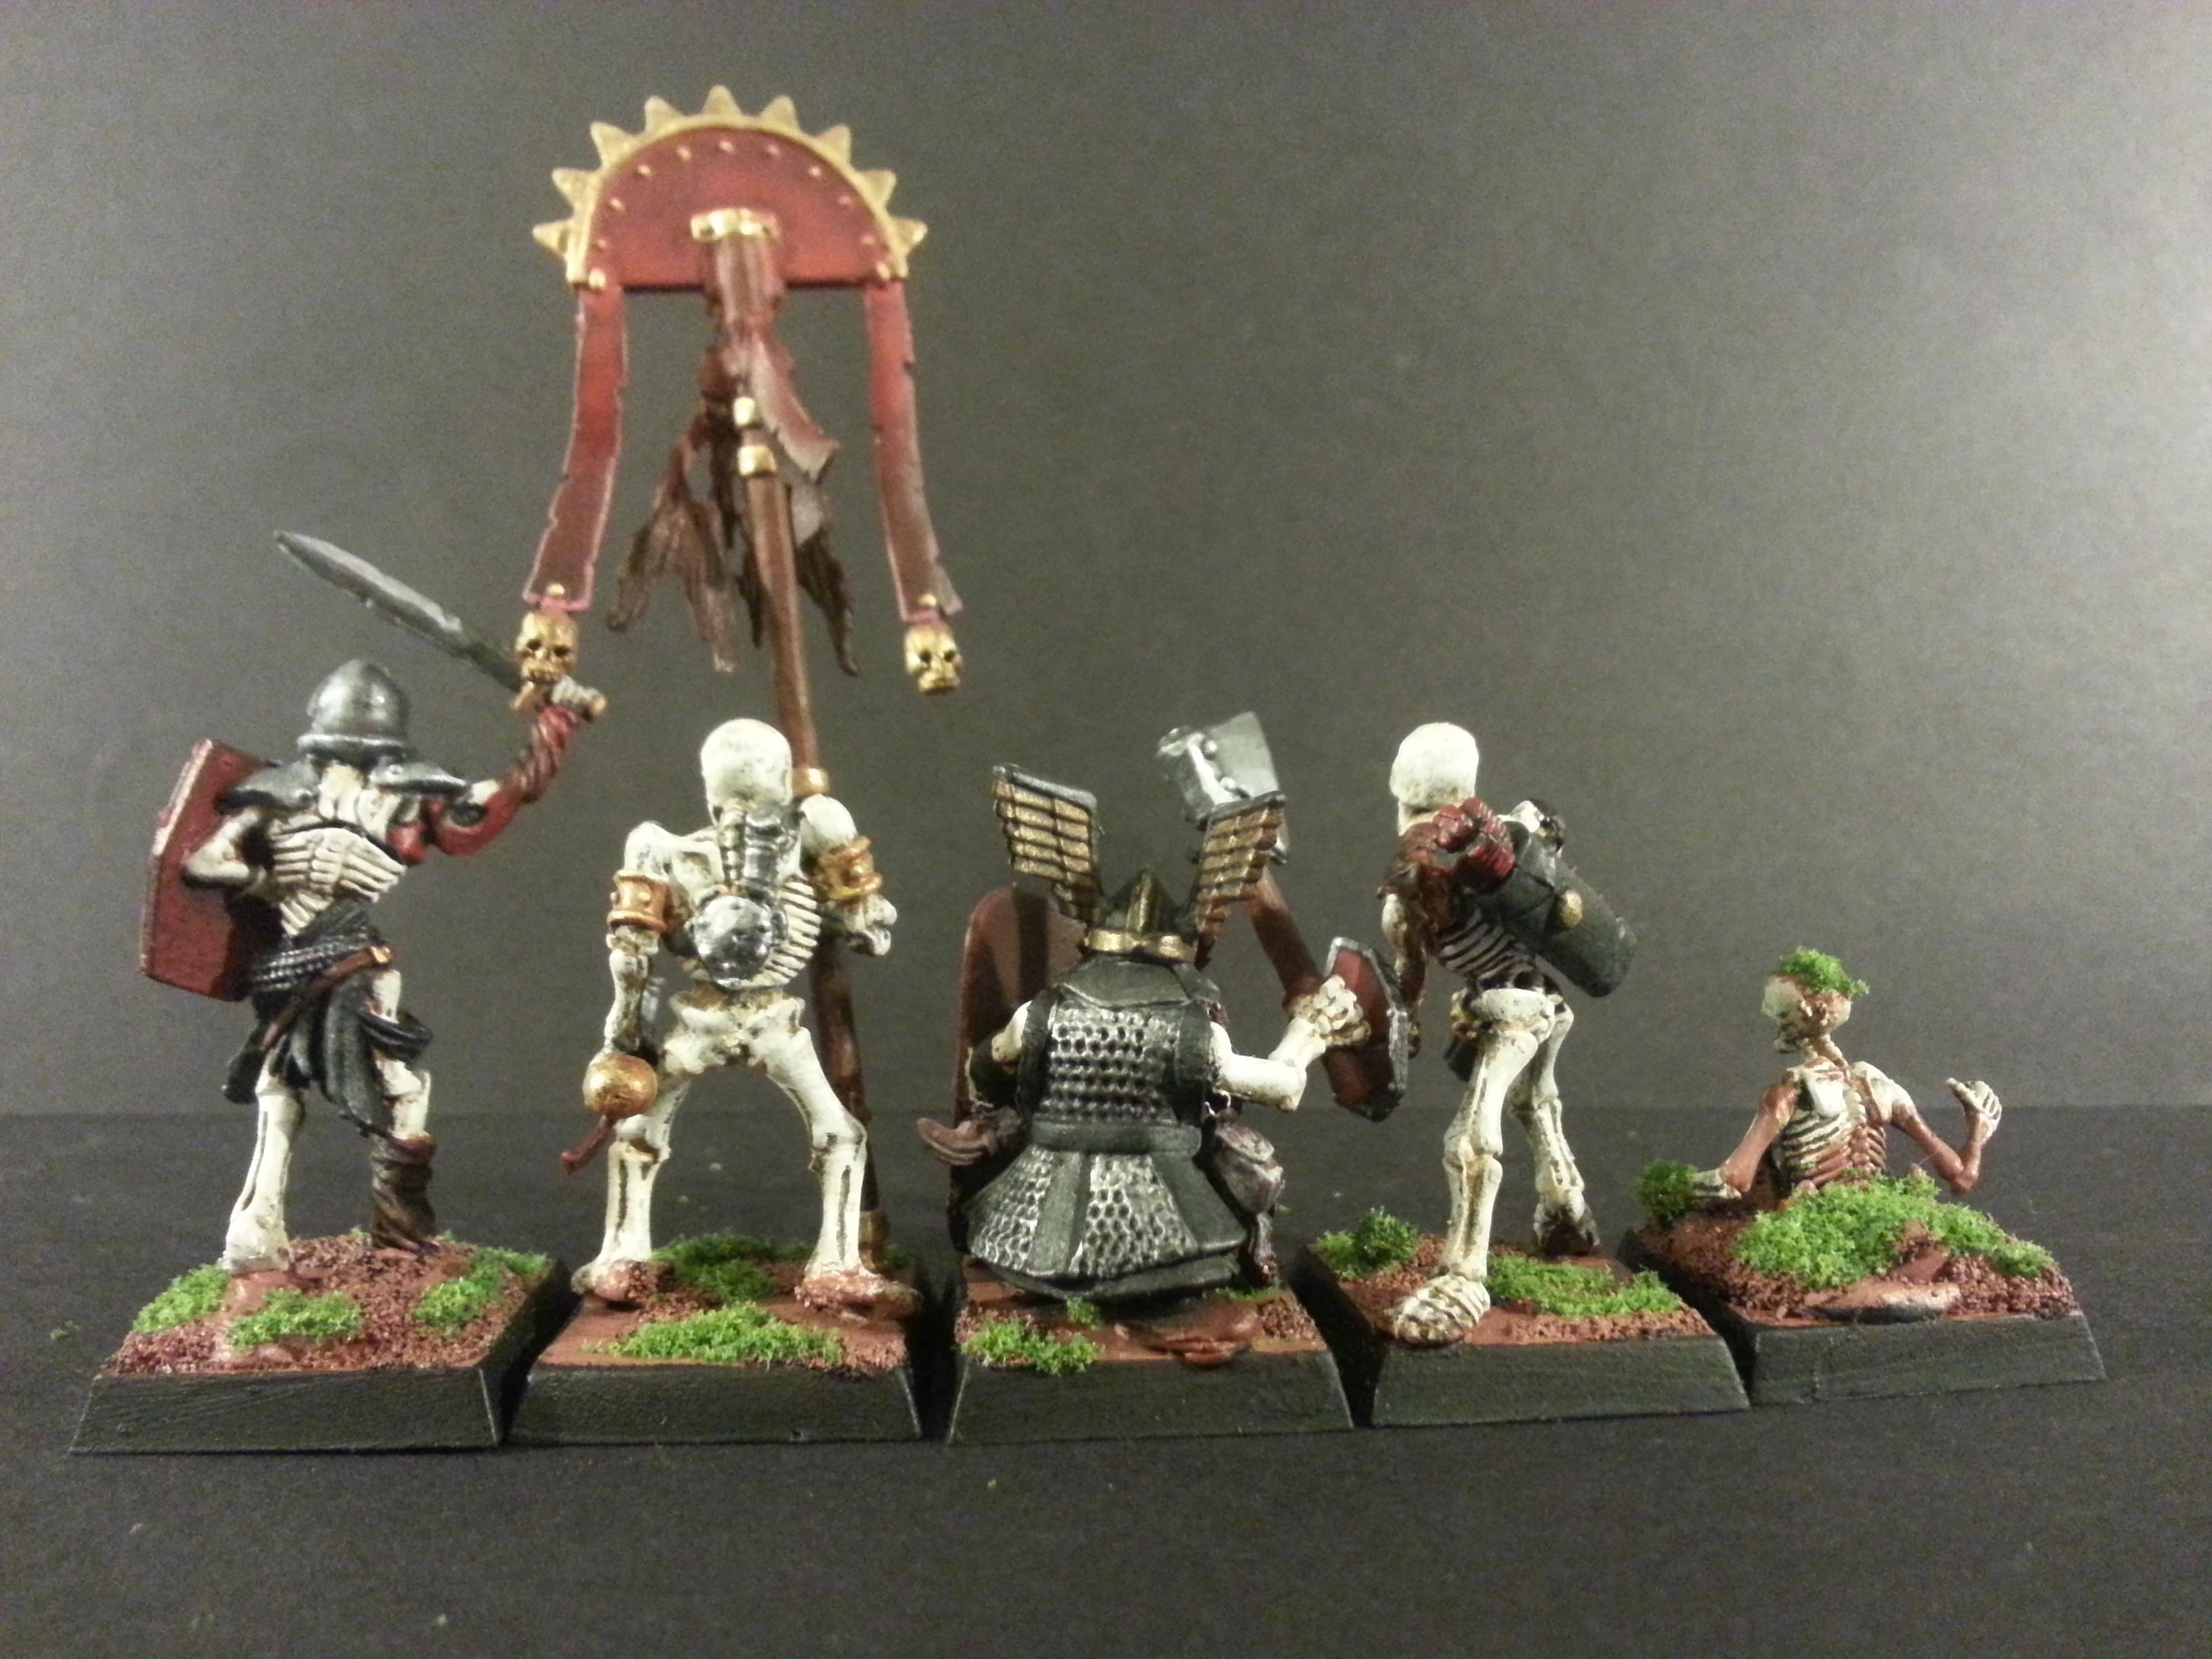 Dwarves, Games Workshop, Mantic Games, Scutum Shield, Skeleton Warriors, Undead, Warhammer Fantasy